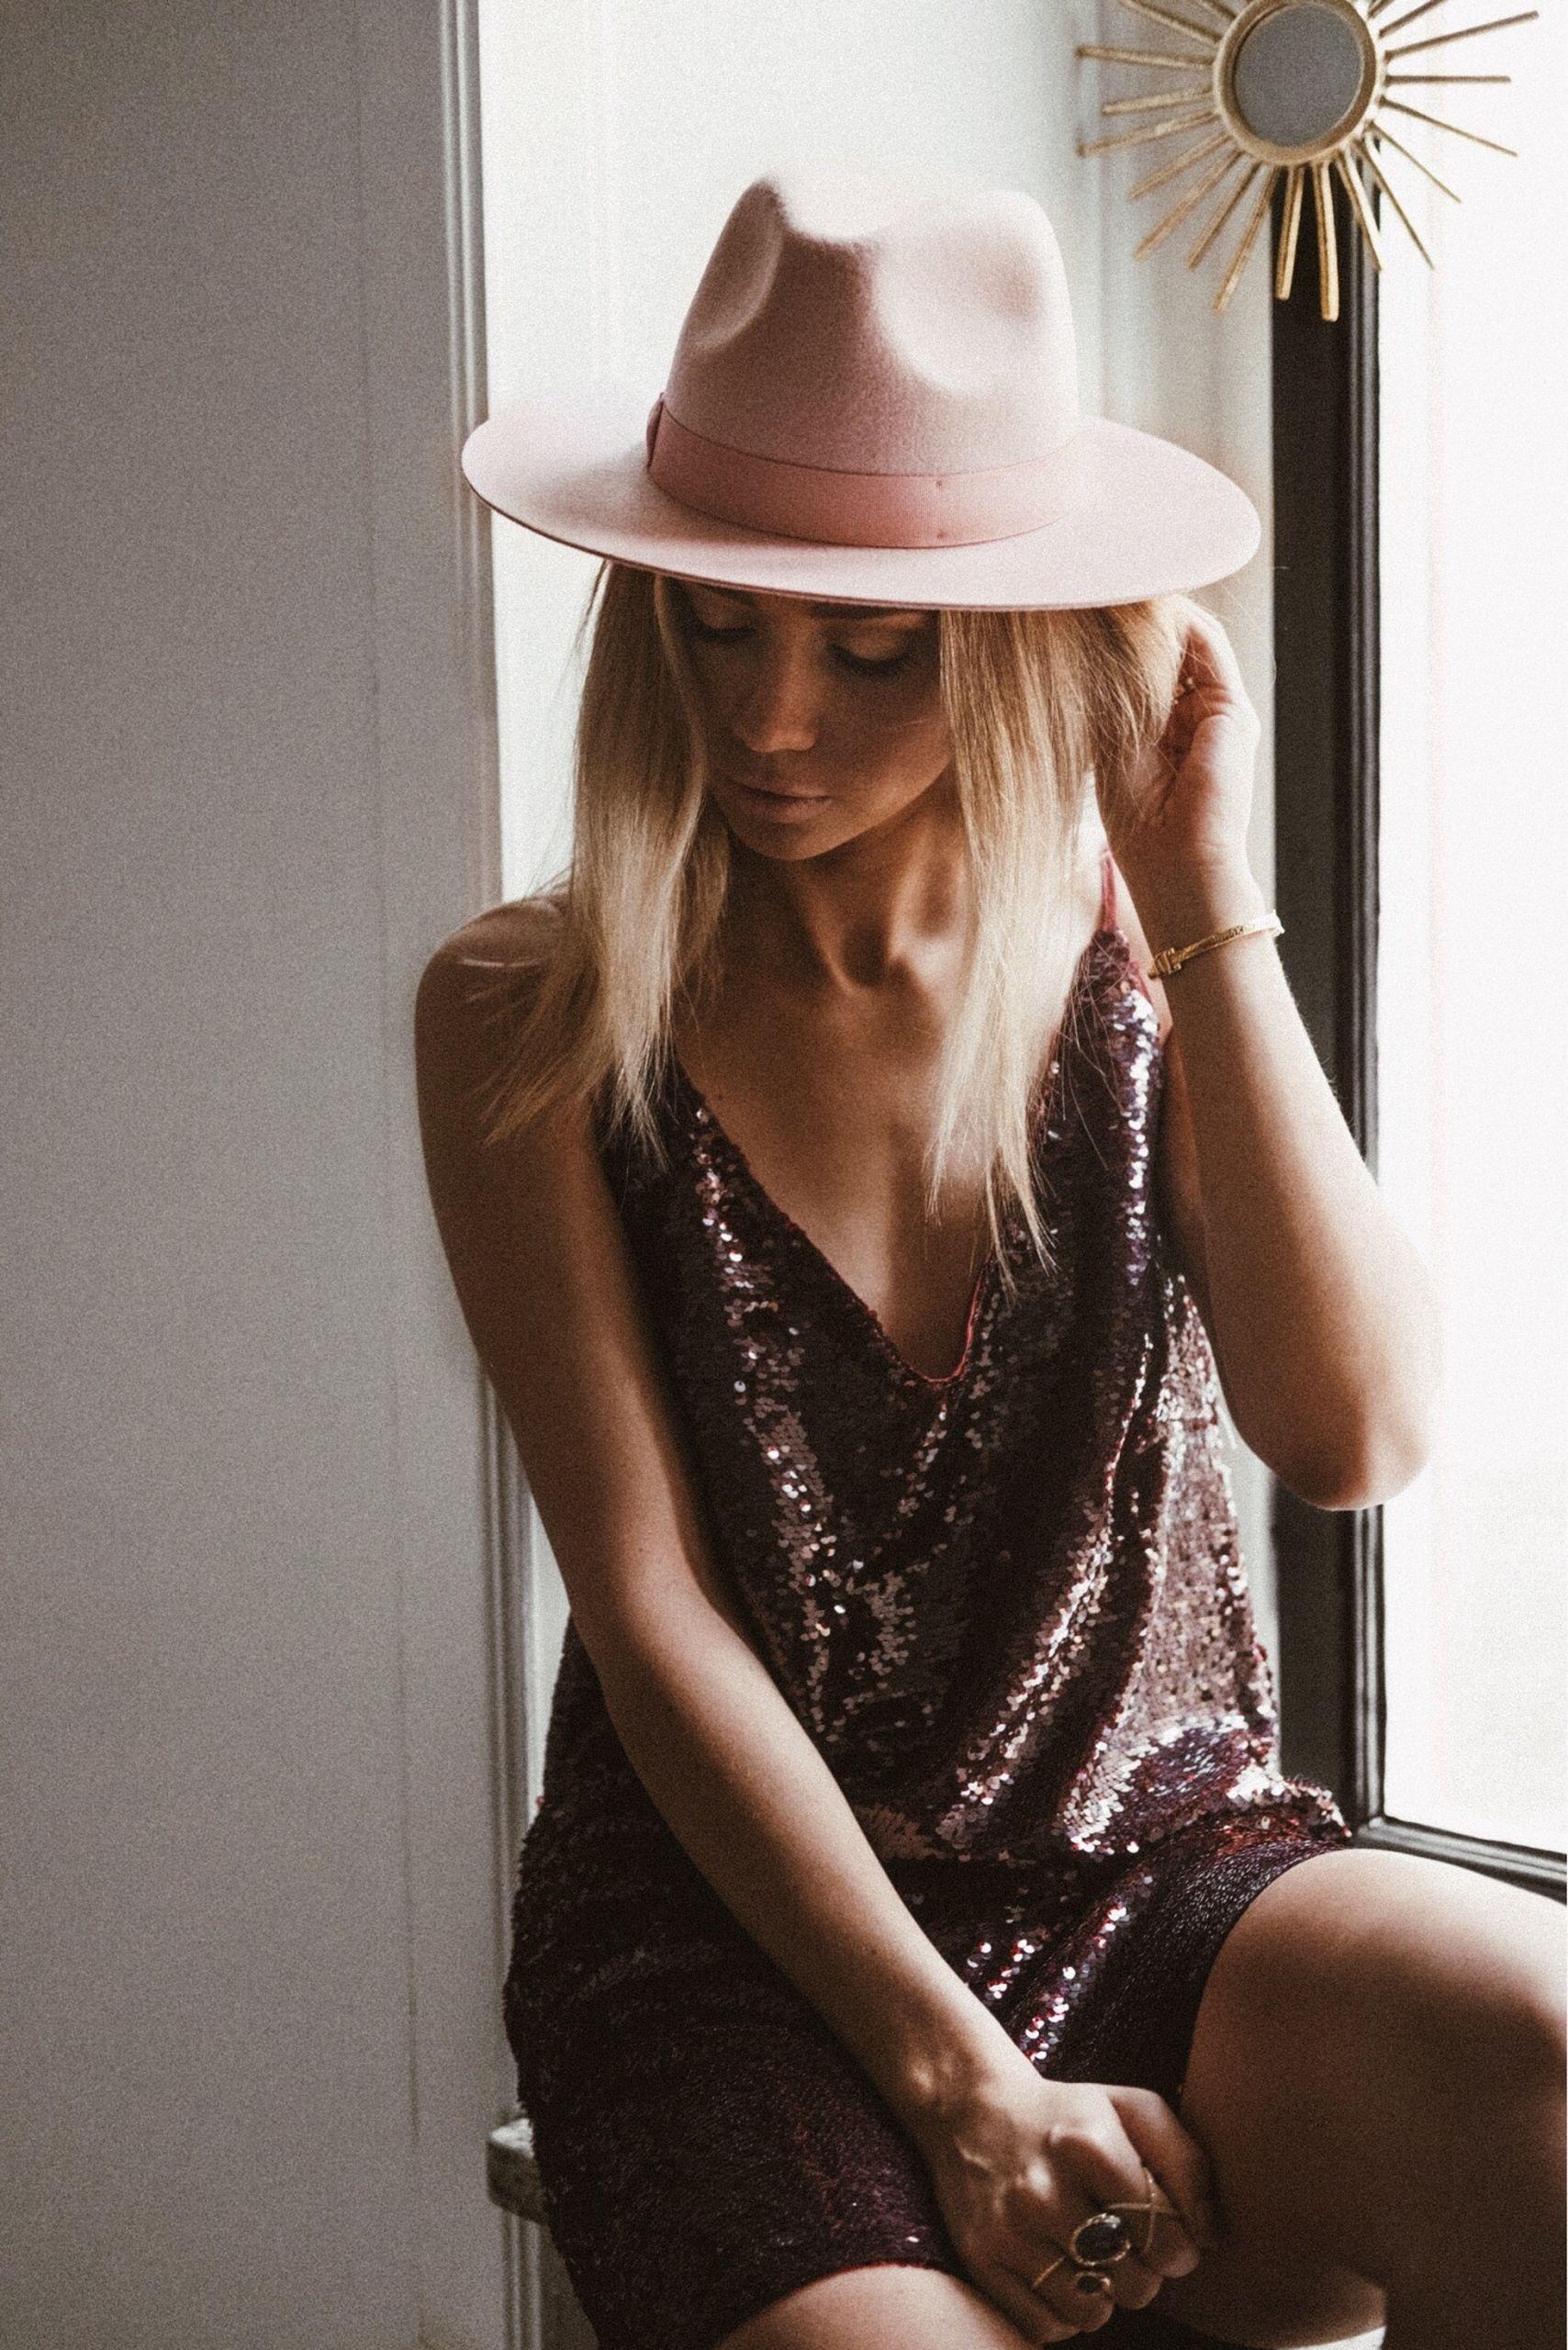 787e2a0afef4c STARDUST - Lisa Olsson - Lack of color pink hat paljettklänning ...